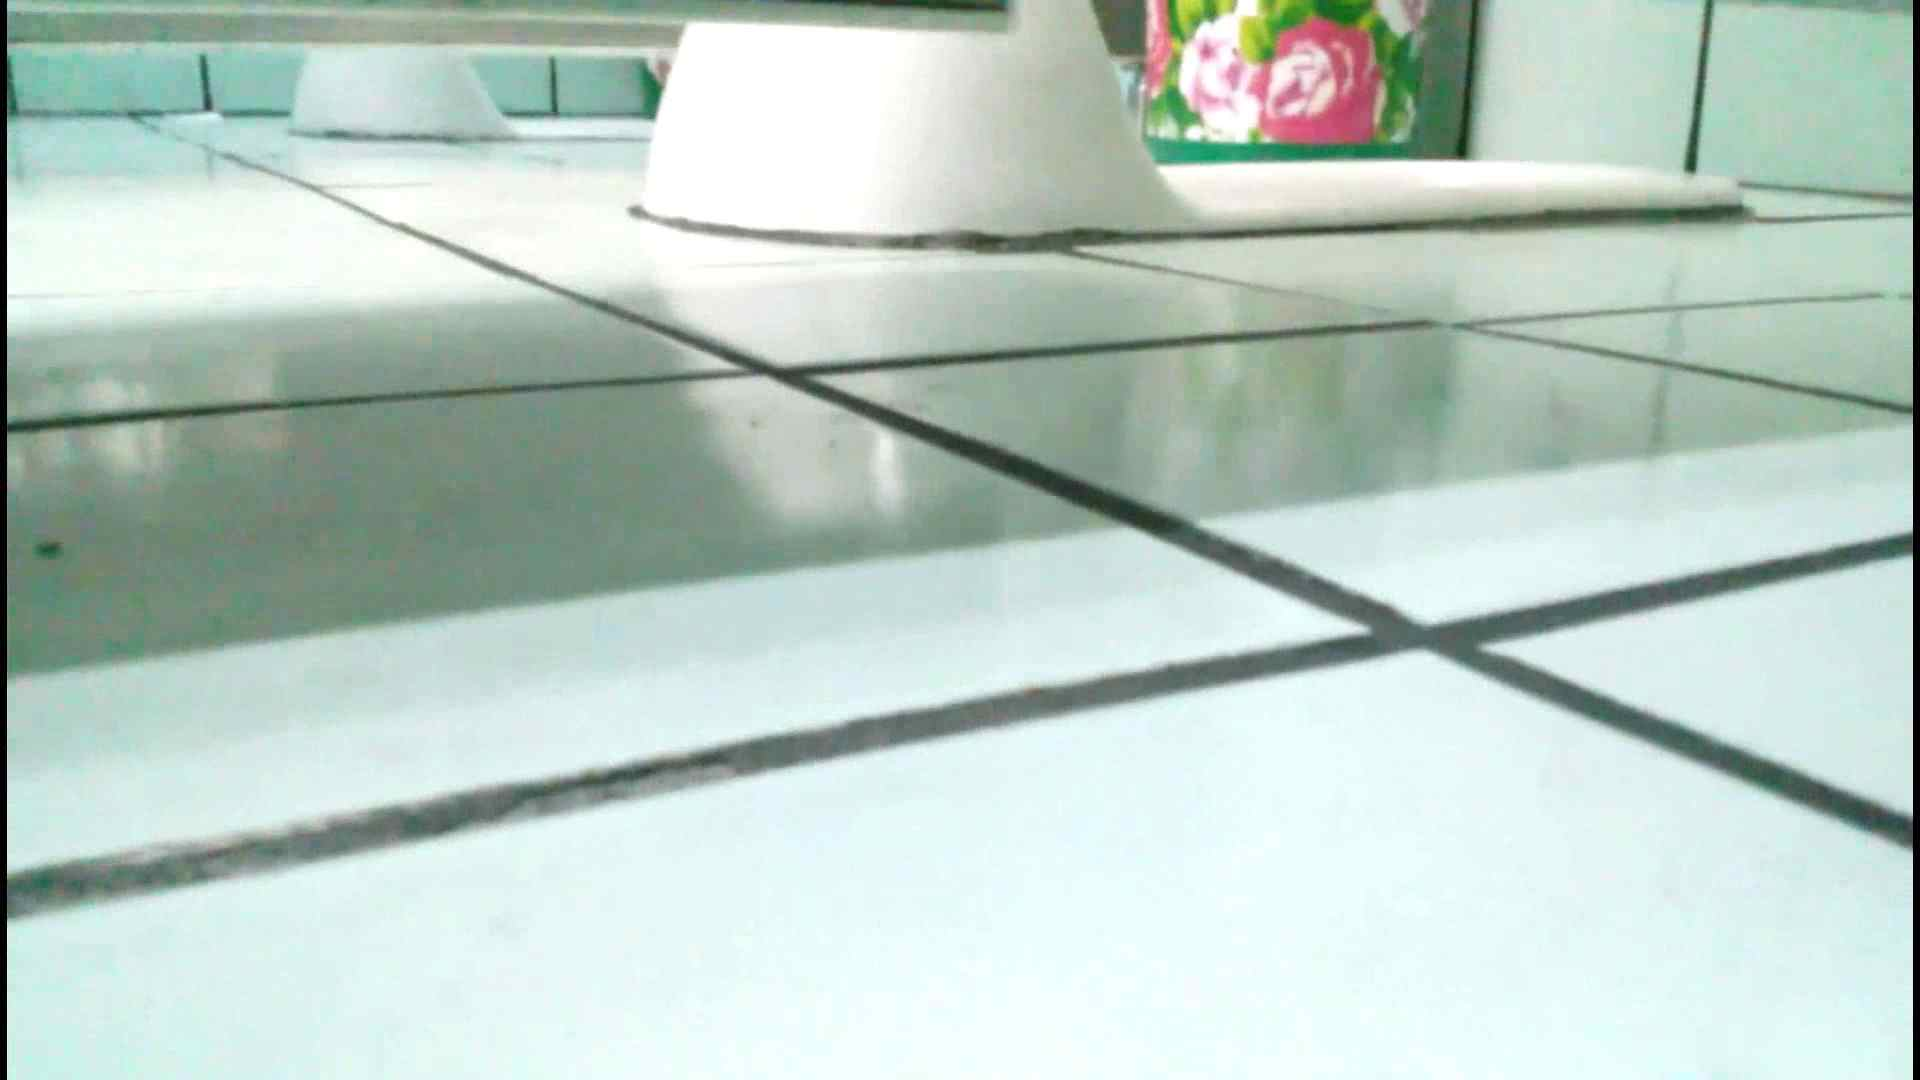 潜入!!韓国秘密のトイレ!Vol.15 OLの実態 盗撮AV動画キャプチャ 98pic 52